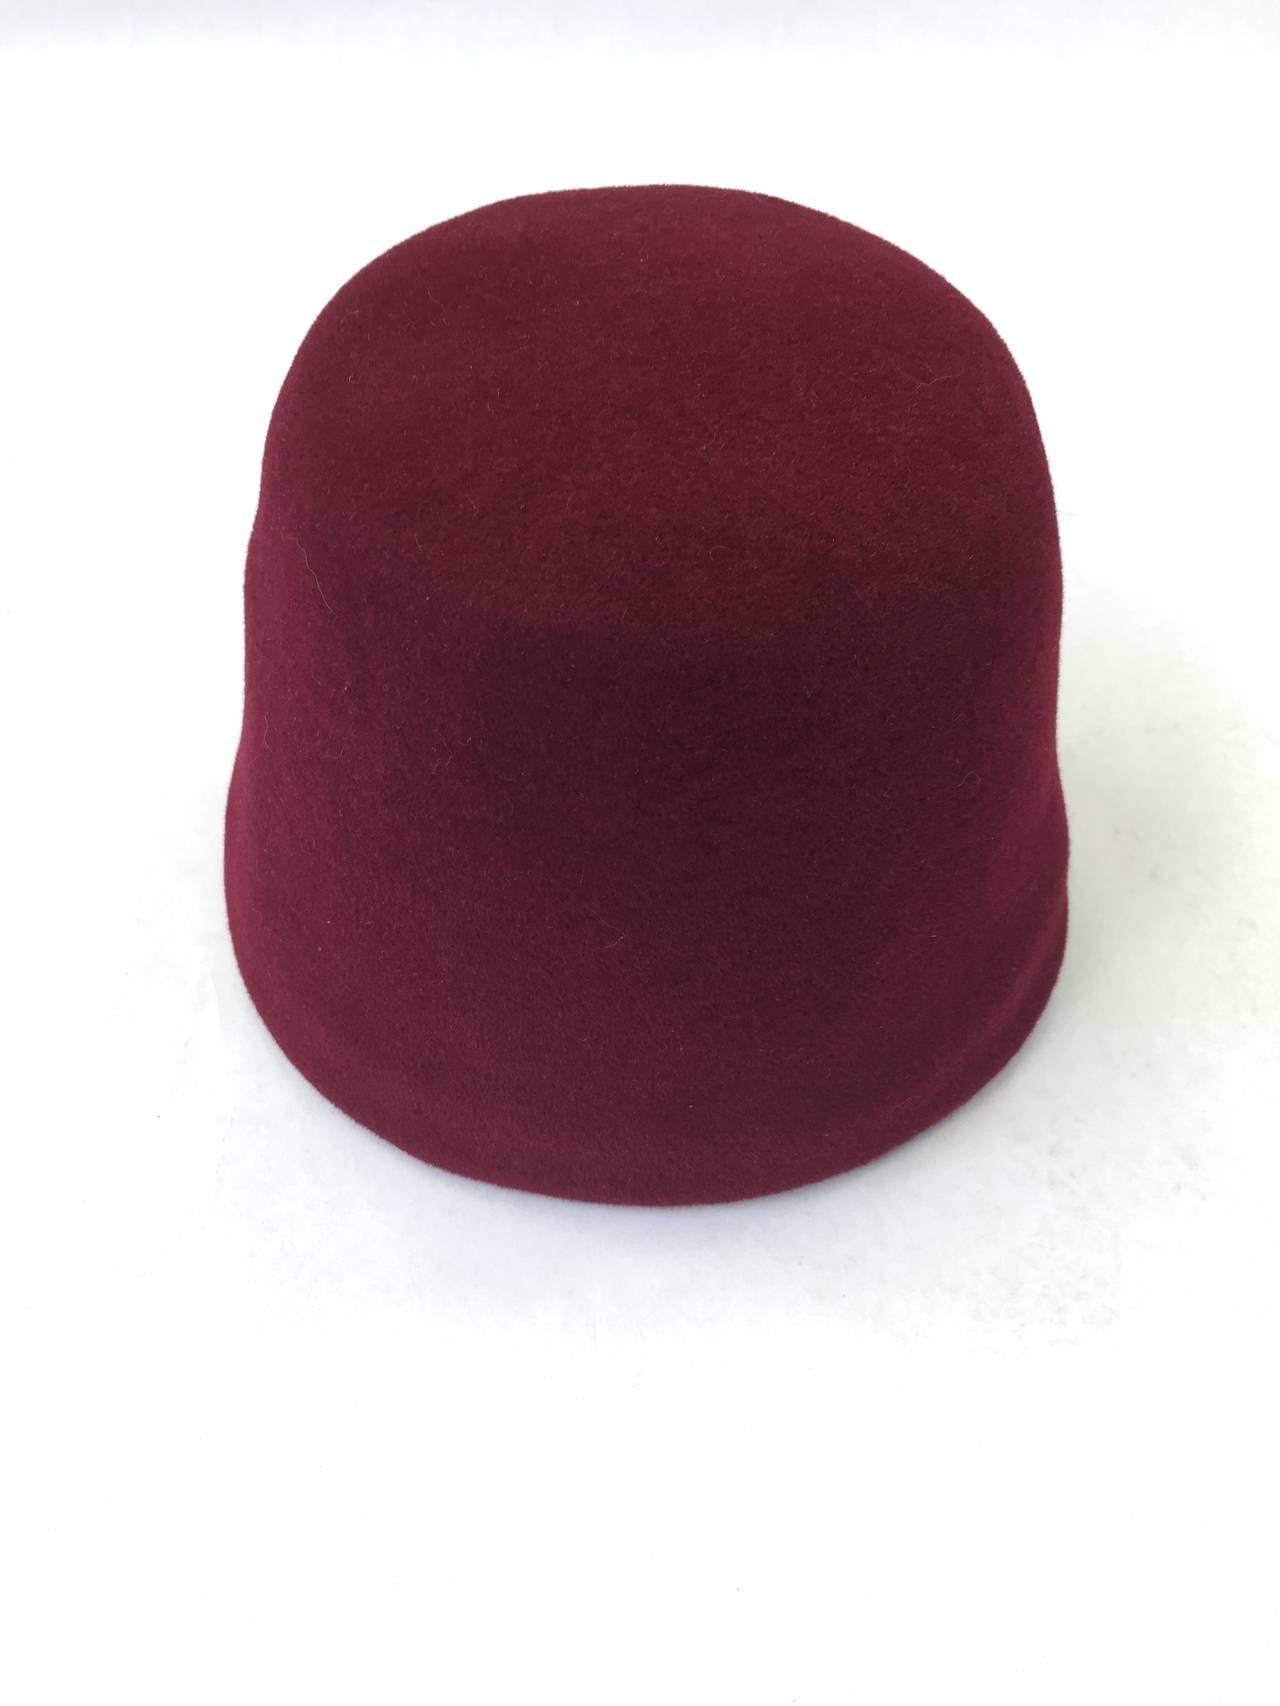 Yves Saint Laurent 70s fez hat. 2